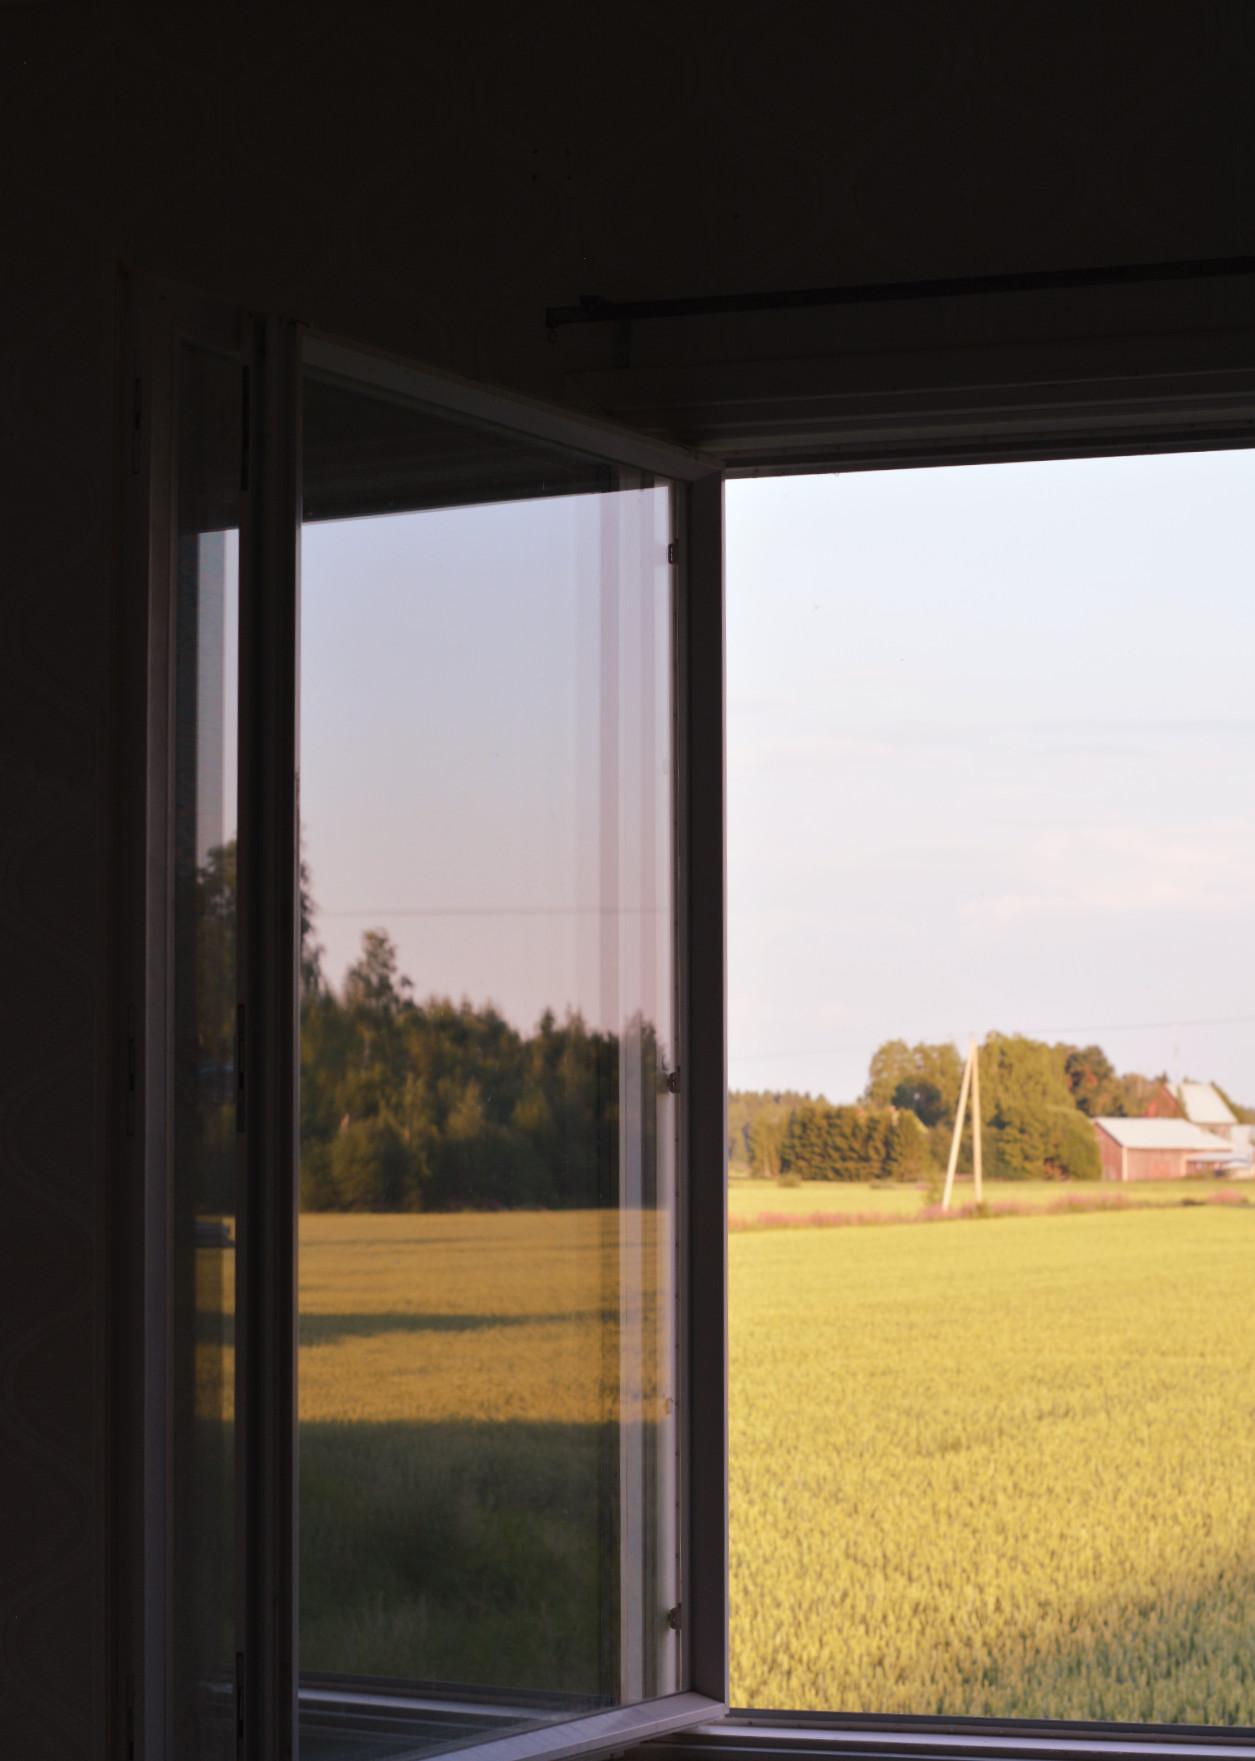 Österbotten lantutsikt genom fönster